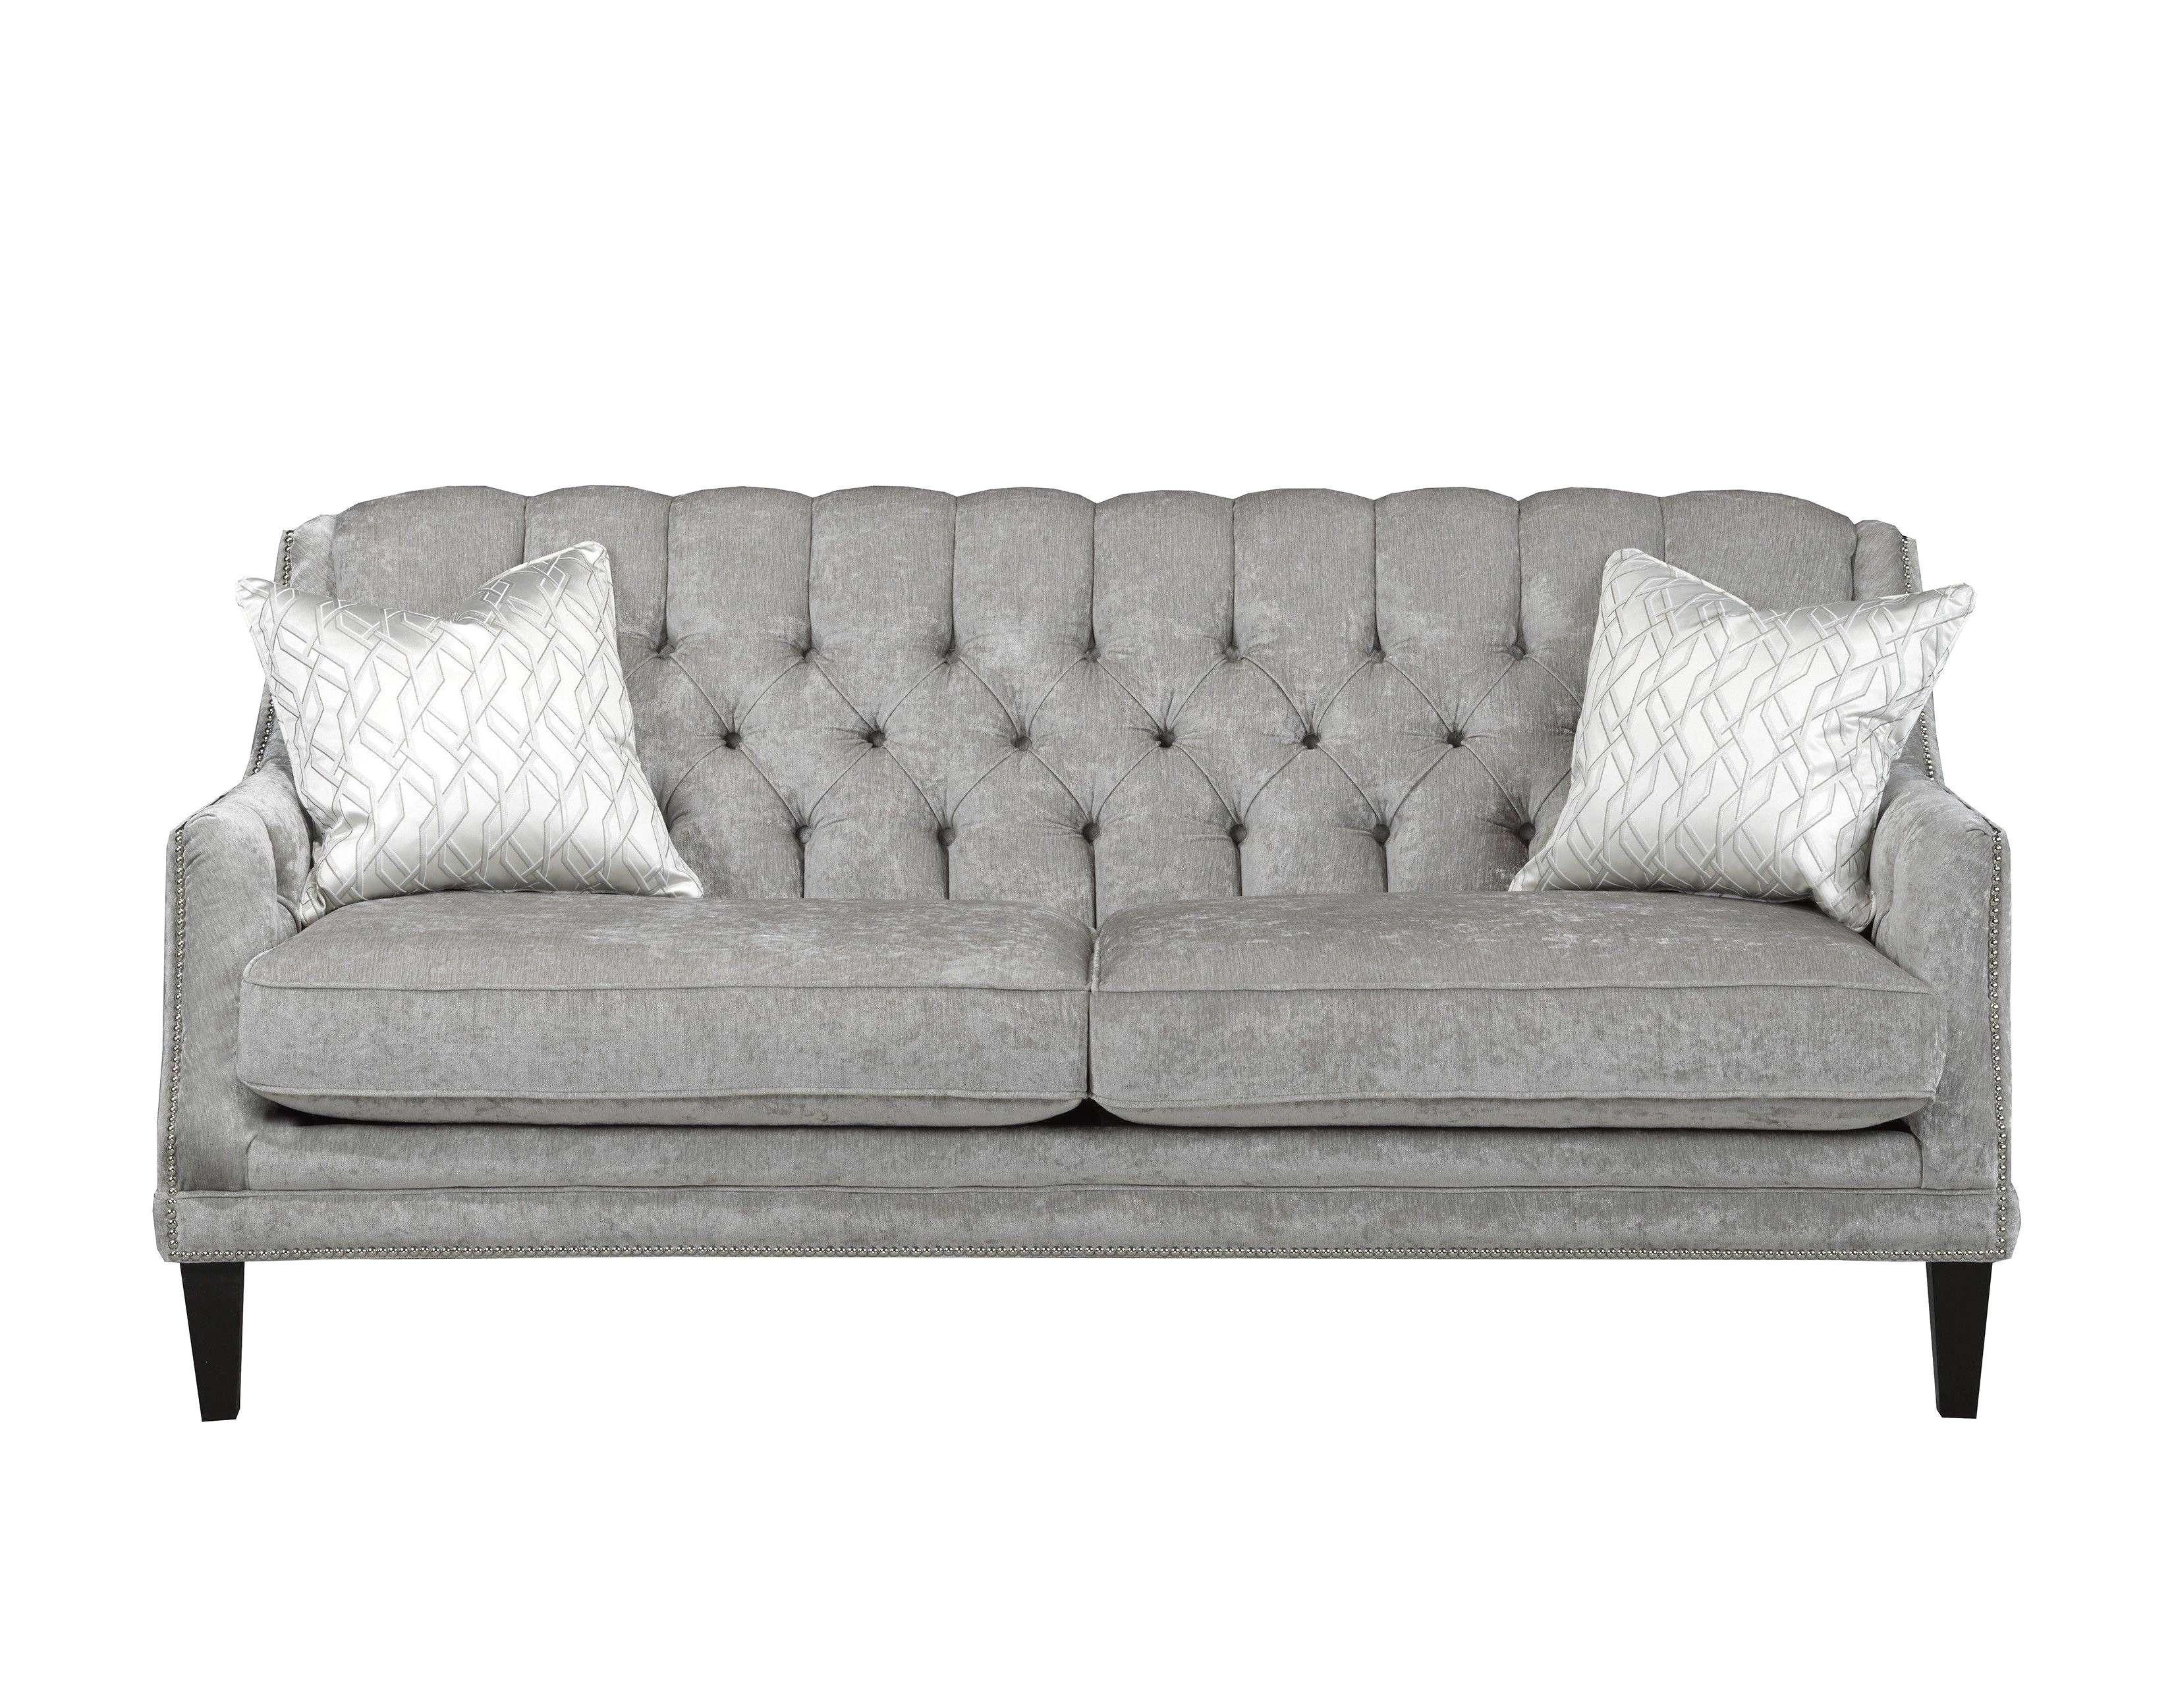 diy schlafsofa beste bett mit sofa schon sofa bett tolle furniture couch bed bilder